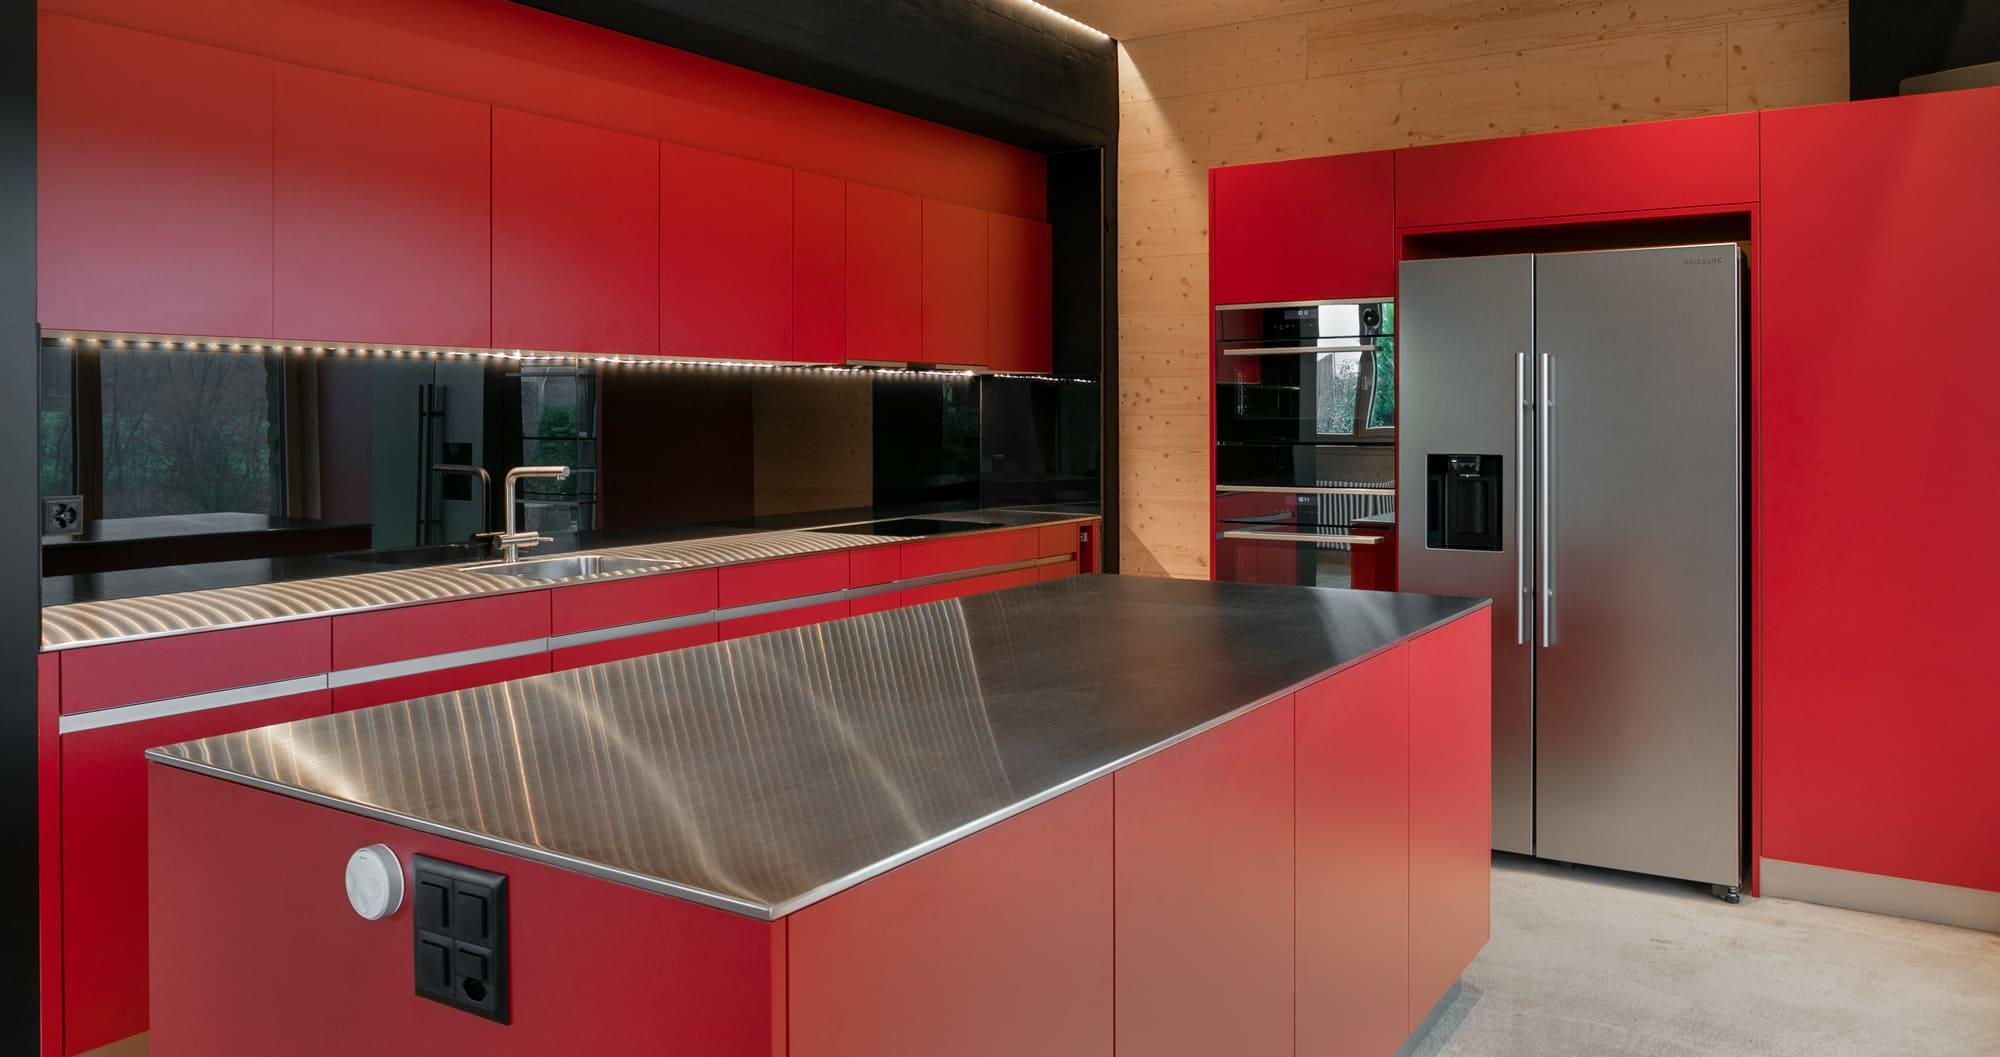 Rote Küche in Fabrik komplett Gyger Küchen GmbH